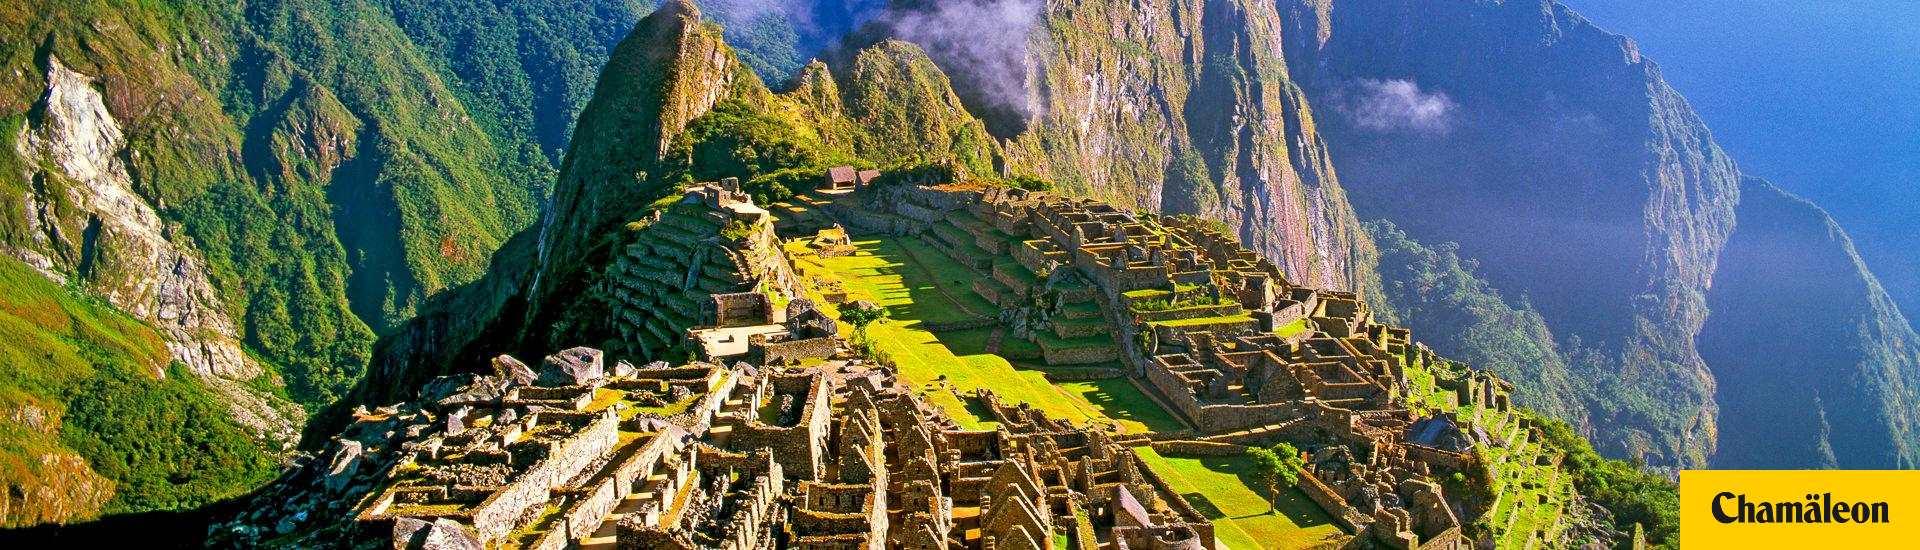 Peru - Niedermayer Reisen - Reisebüro und Busunternehmen